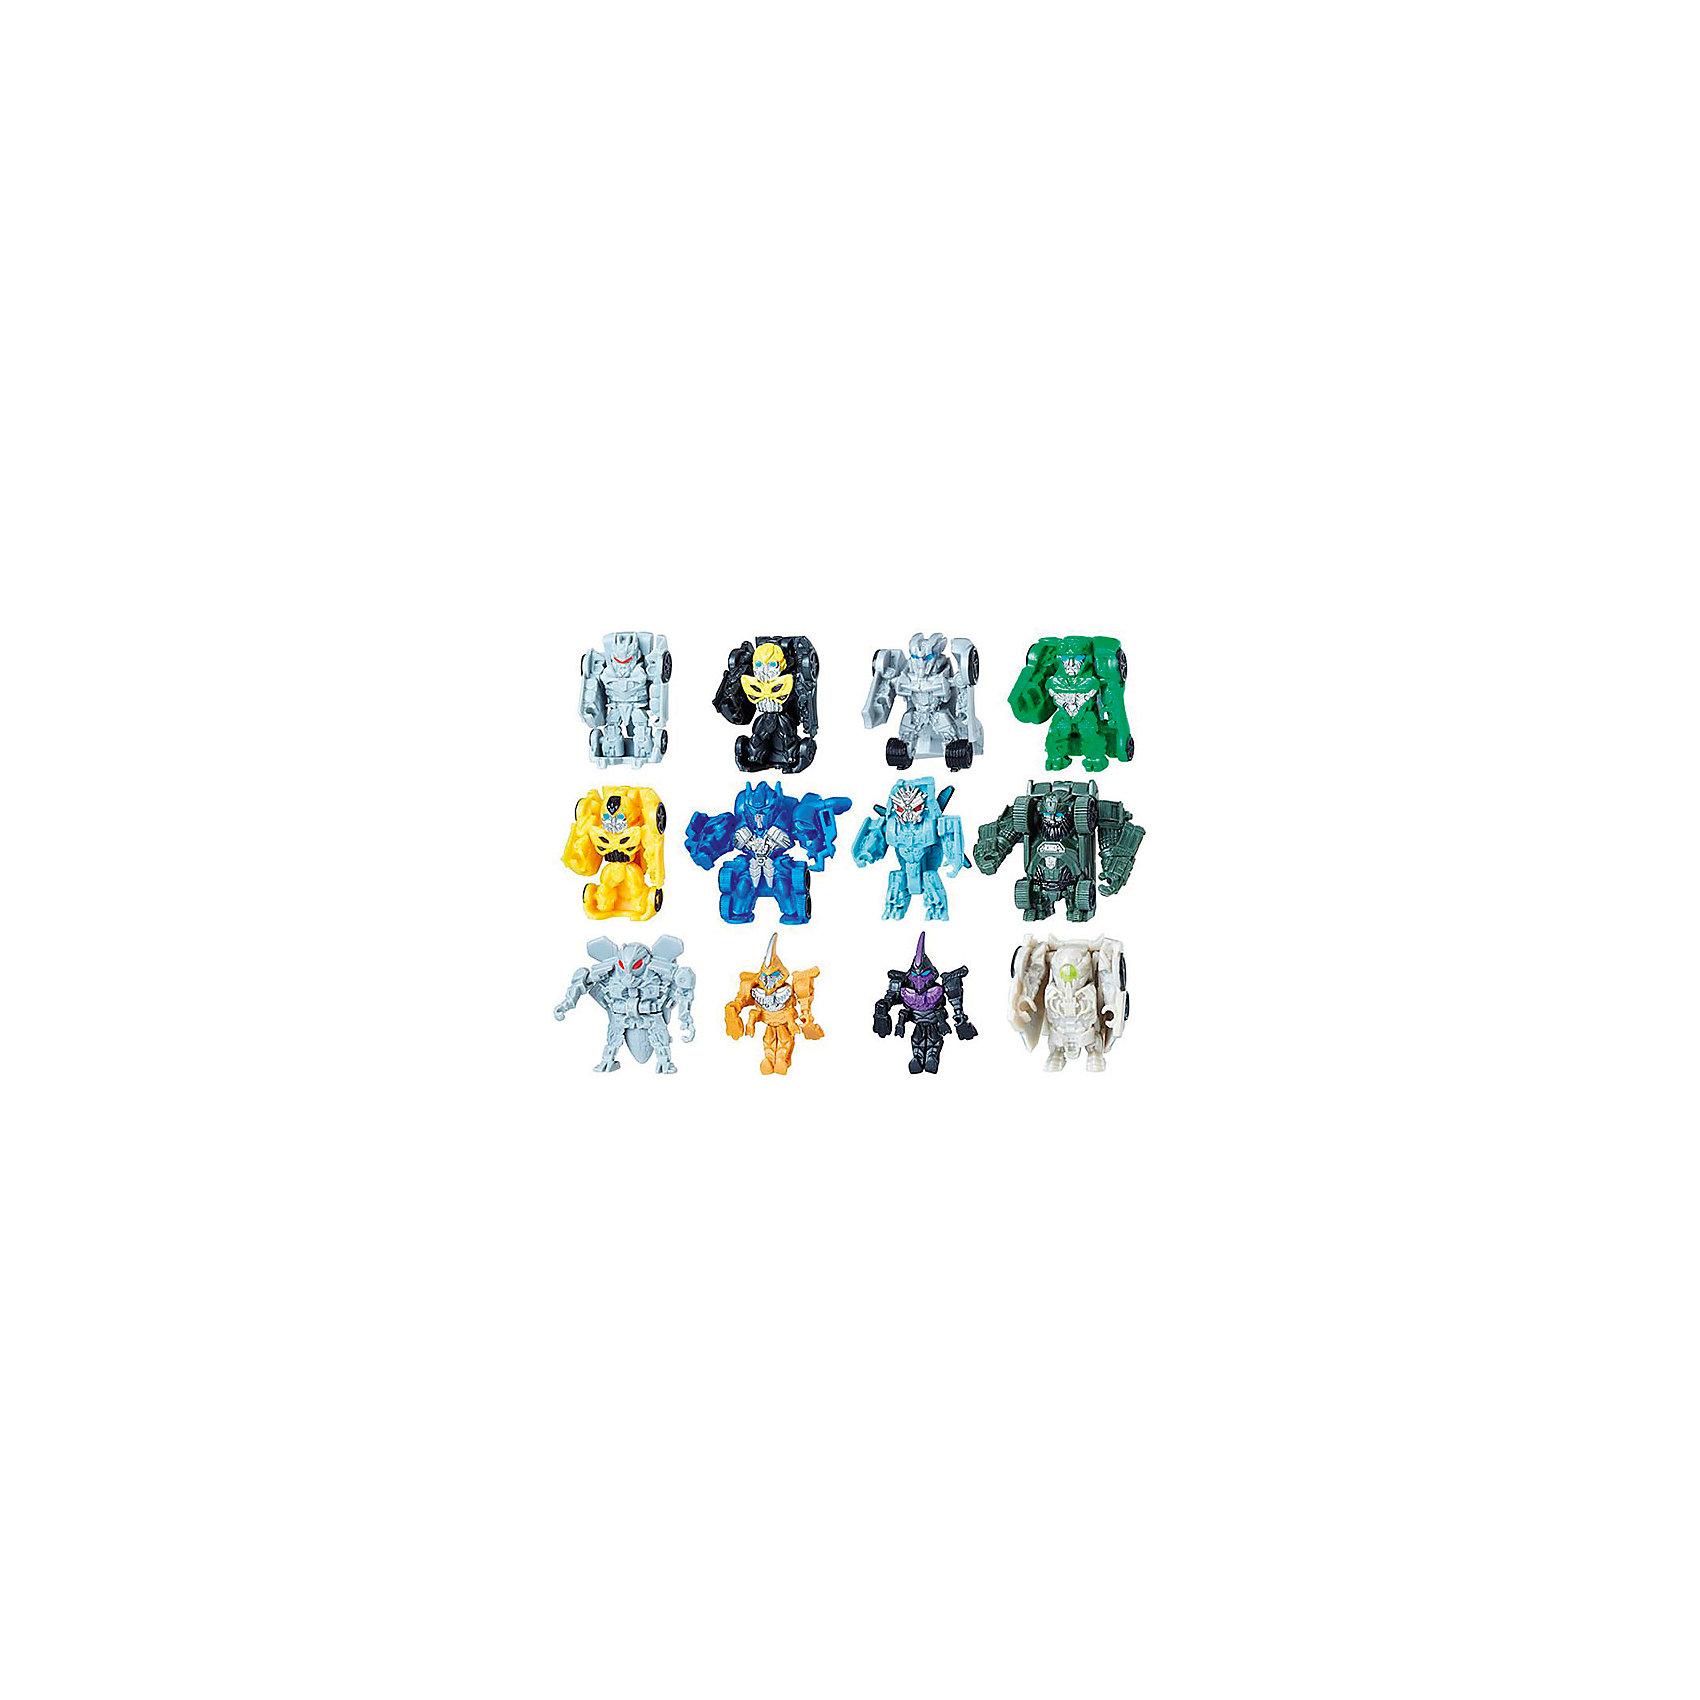 Мини-фигурка трансформера Hasbro Transformers Трансформеры 5, в закрытой упаковкеФигурки из мультфильмов<br><br><br>Ширина мм: 19<br>Глубина мм: 89<br>Высота мм: 146<br>Вес г: 16<br>Возраст от месяцев: 72<br>Возраст до месяцев: 2147483647<br>Пол: Мужской<br>Возраст: Детский<br>SKU: 7137747